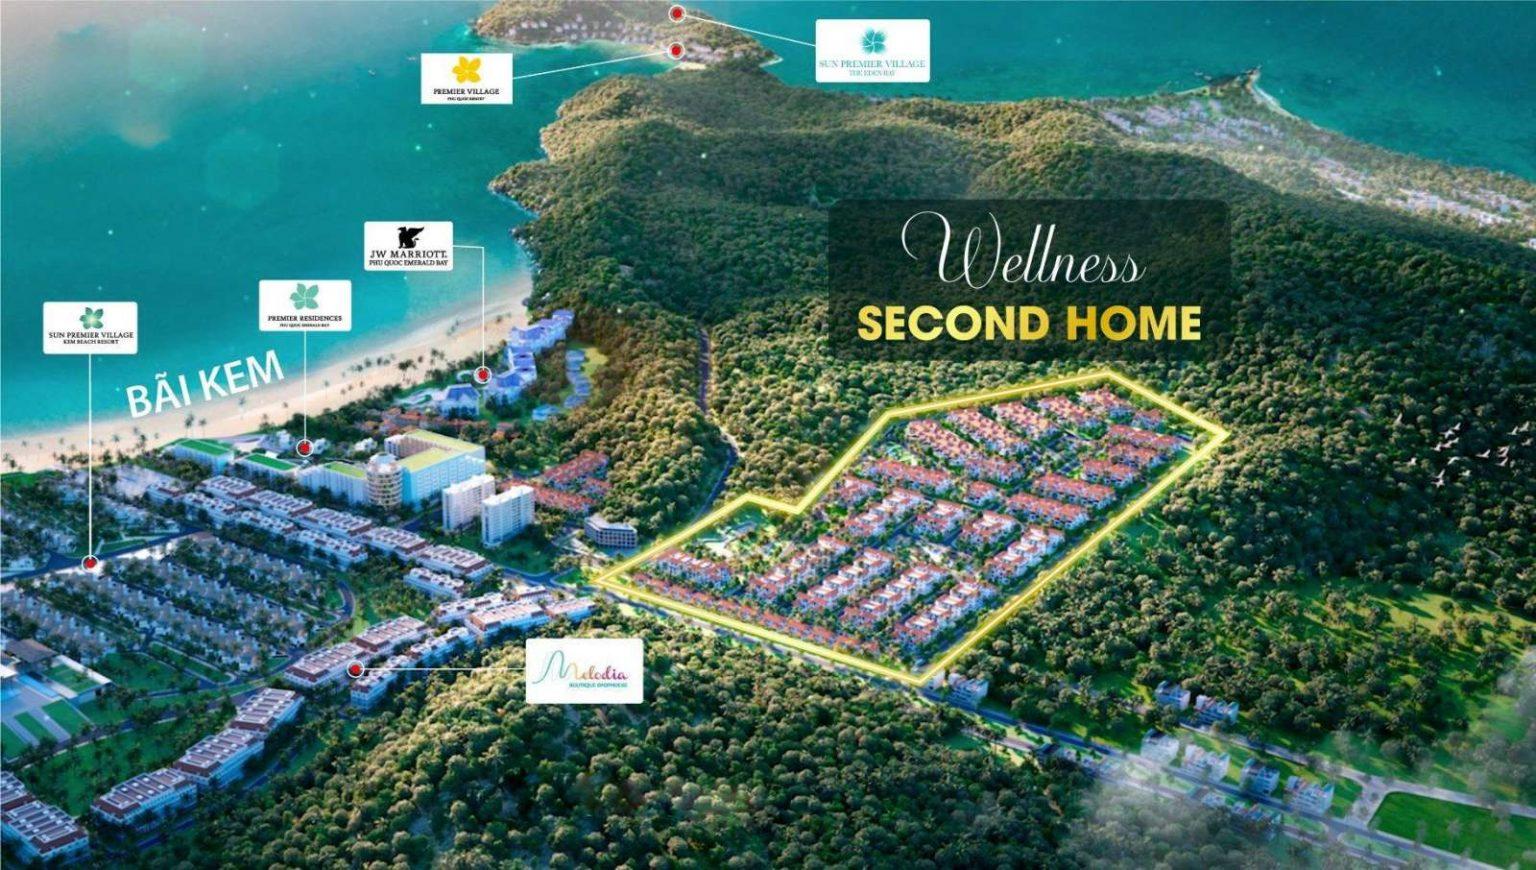 Làng nhiệt đới Sun Tropical Village - Wellness Second Home tại Nam Phú Quốc